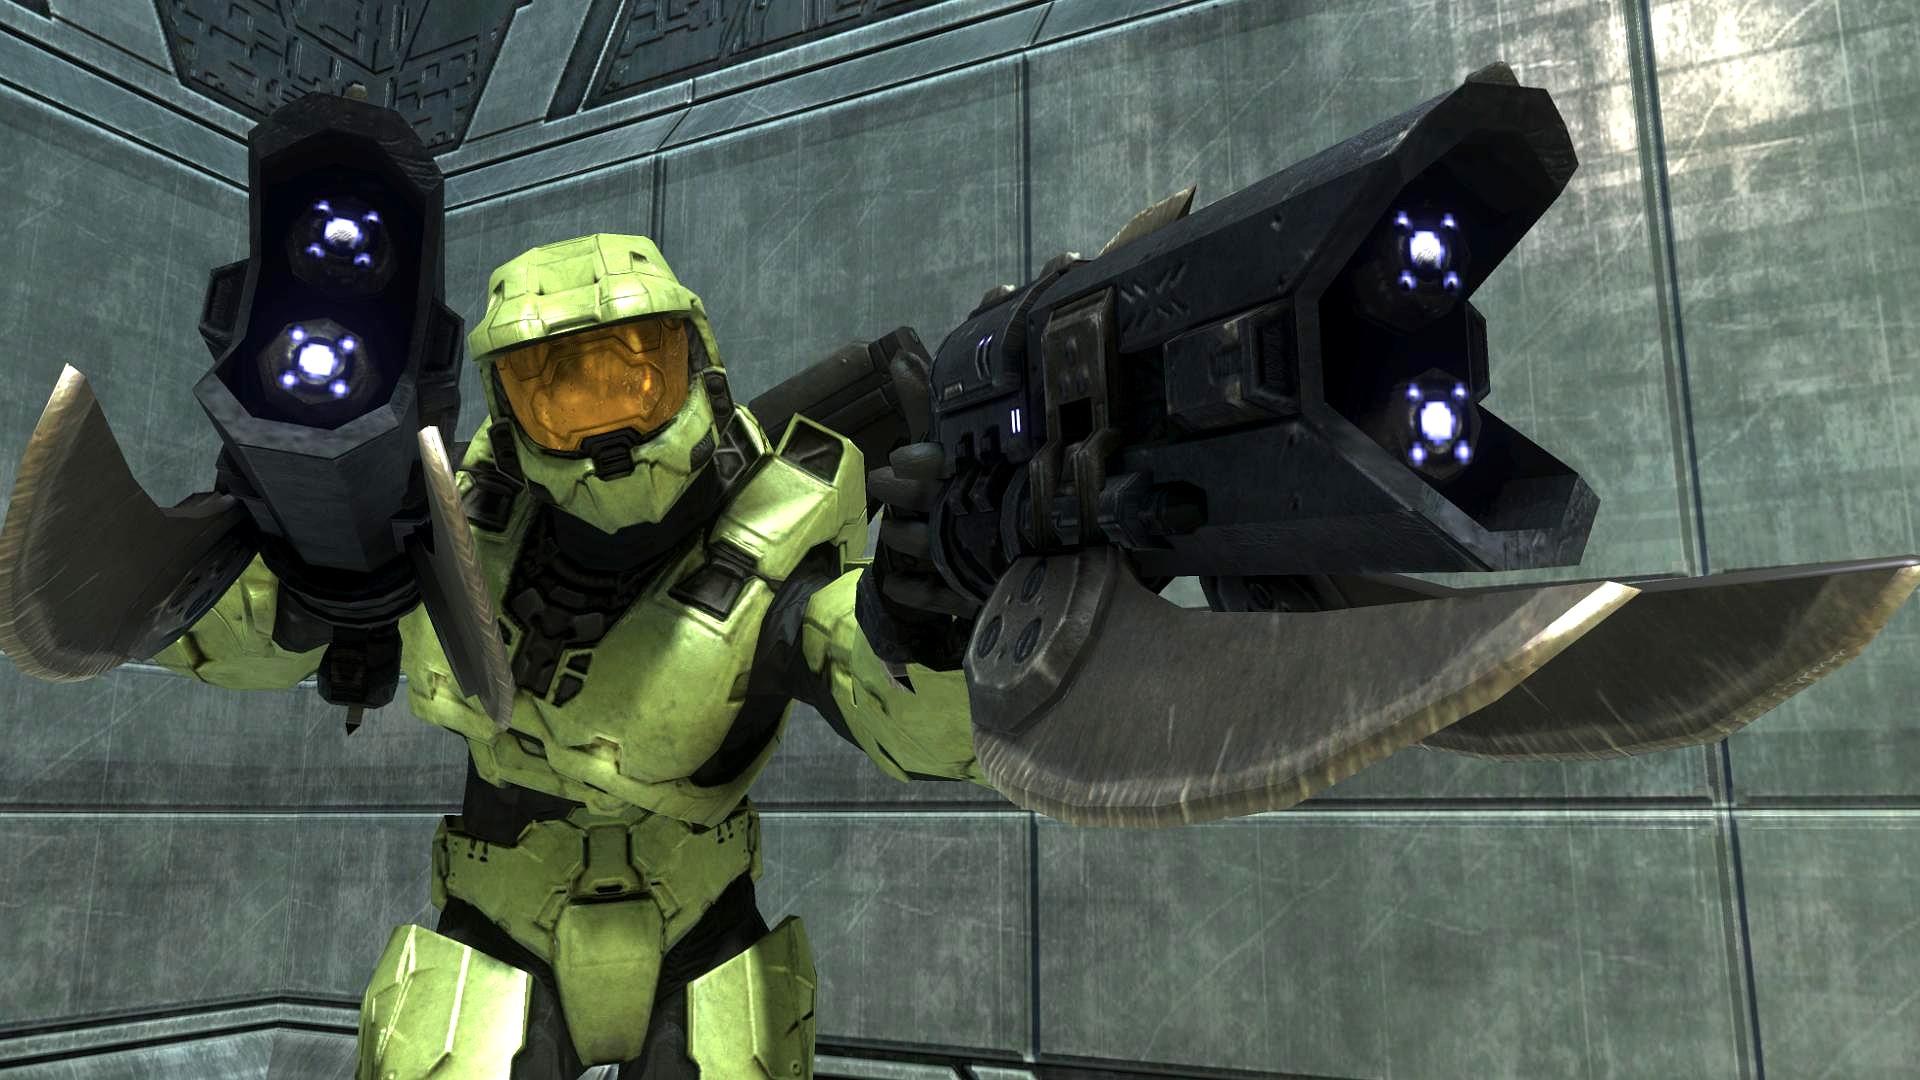 1533949932 8376cde830 o Halo 3: Master At Arms